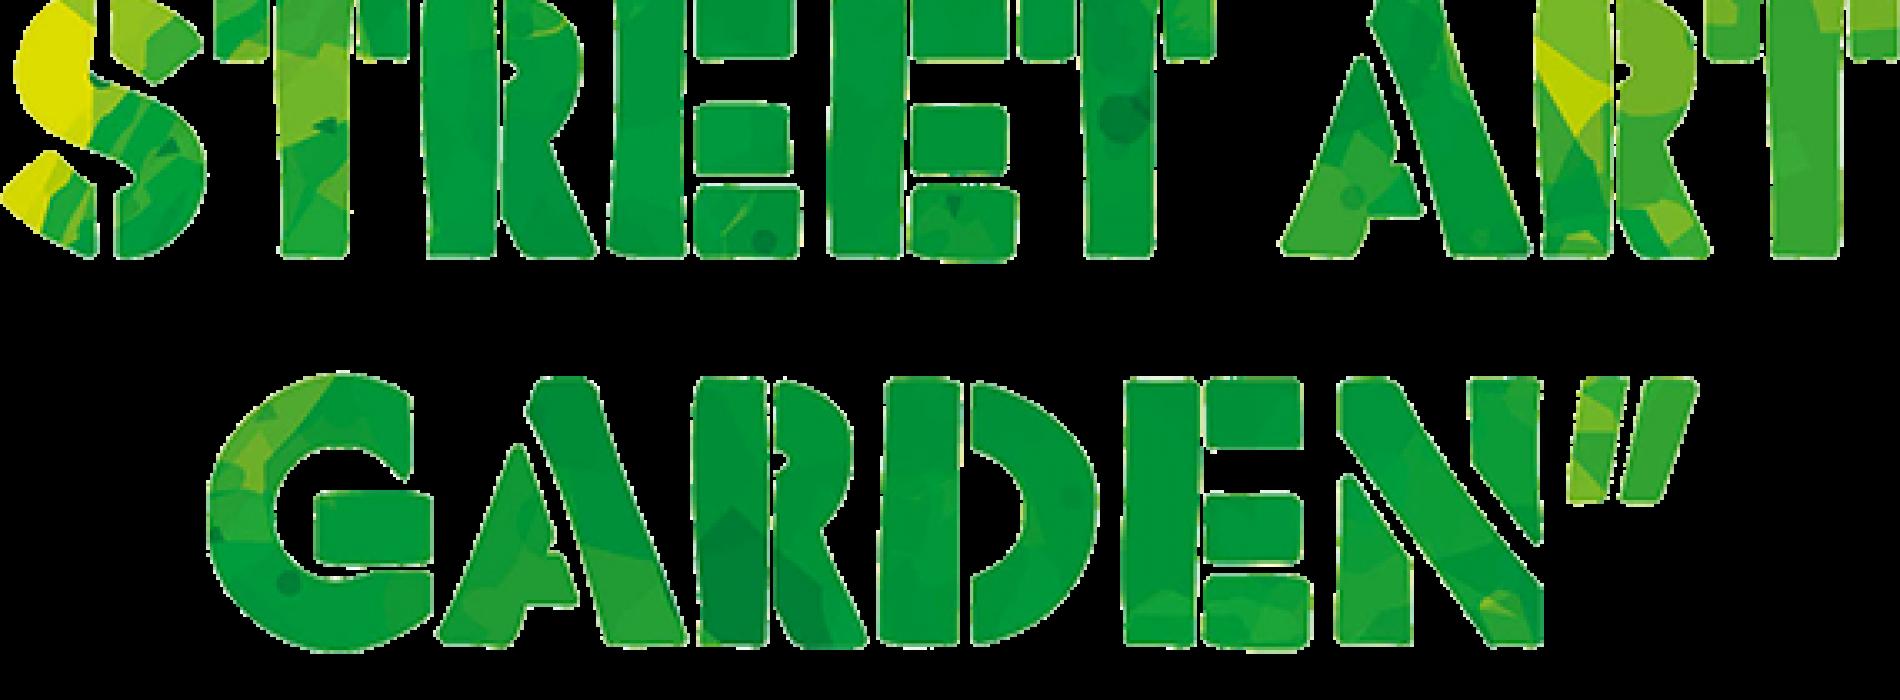 W najbliższy piątek odbędzie się Street Art Garden Party